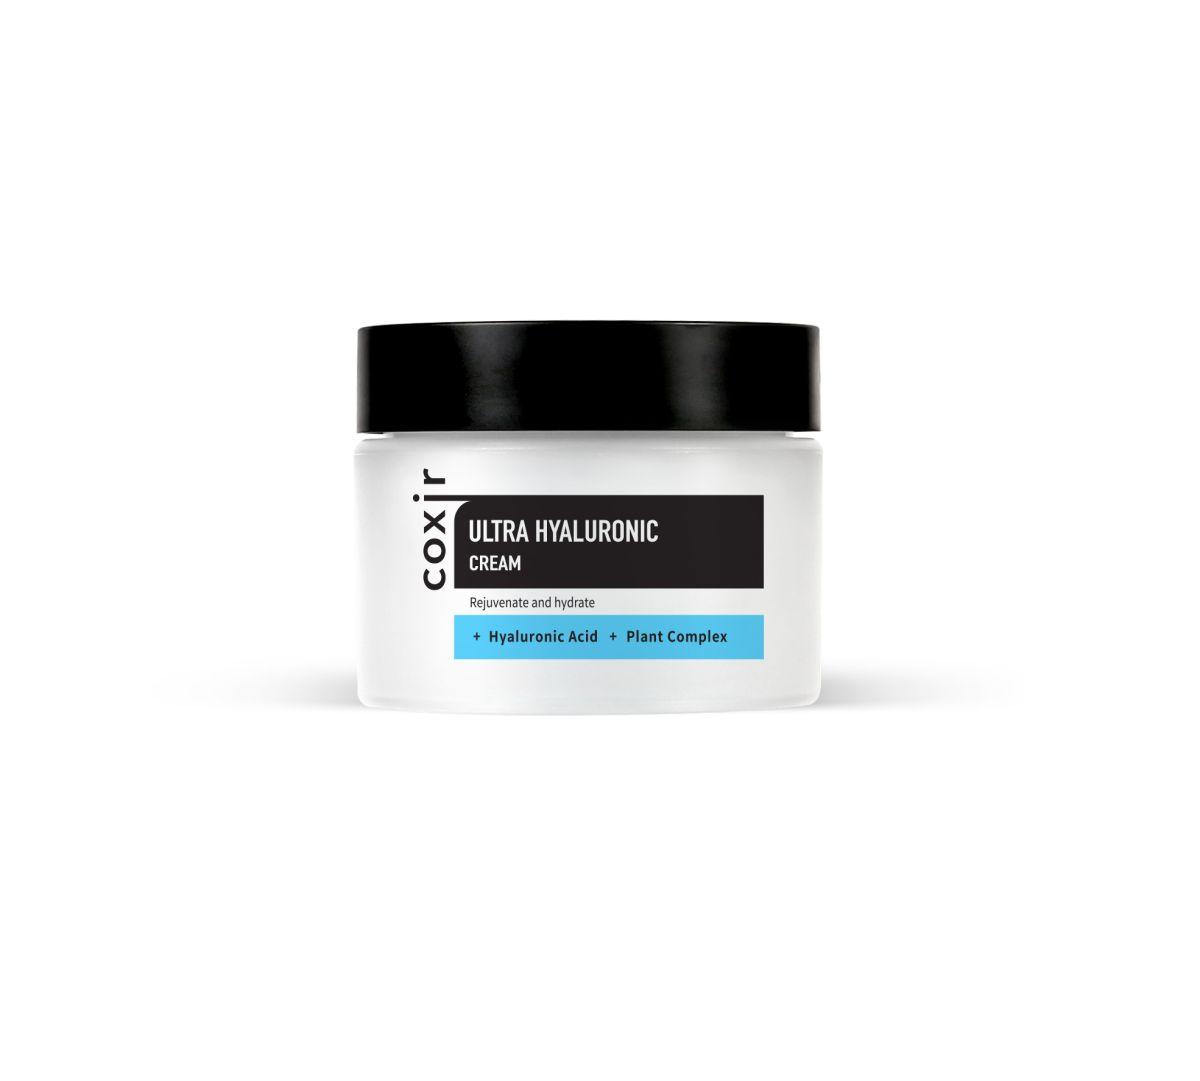 Увлажняющий крем с гиалуроновой кислотой COXIR Ultra Hyaluronic Cream - 50 мл